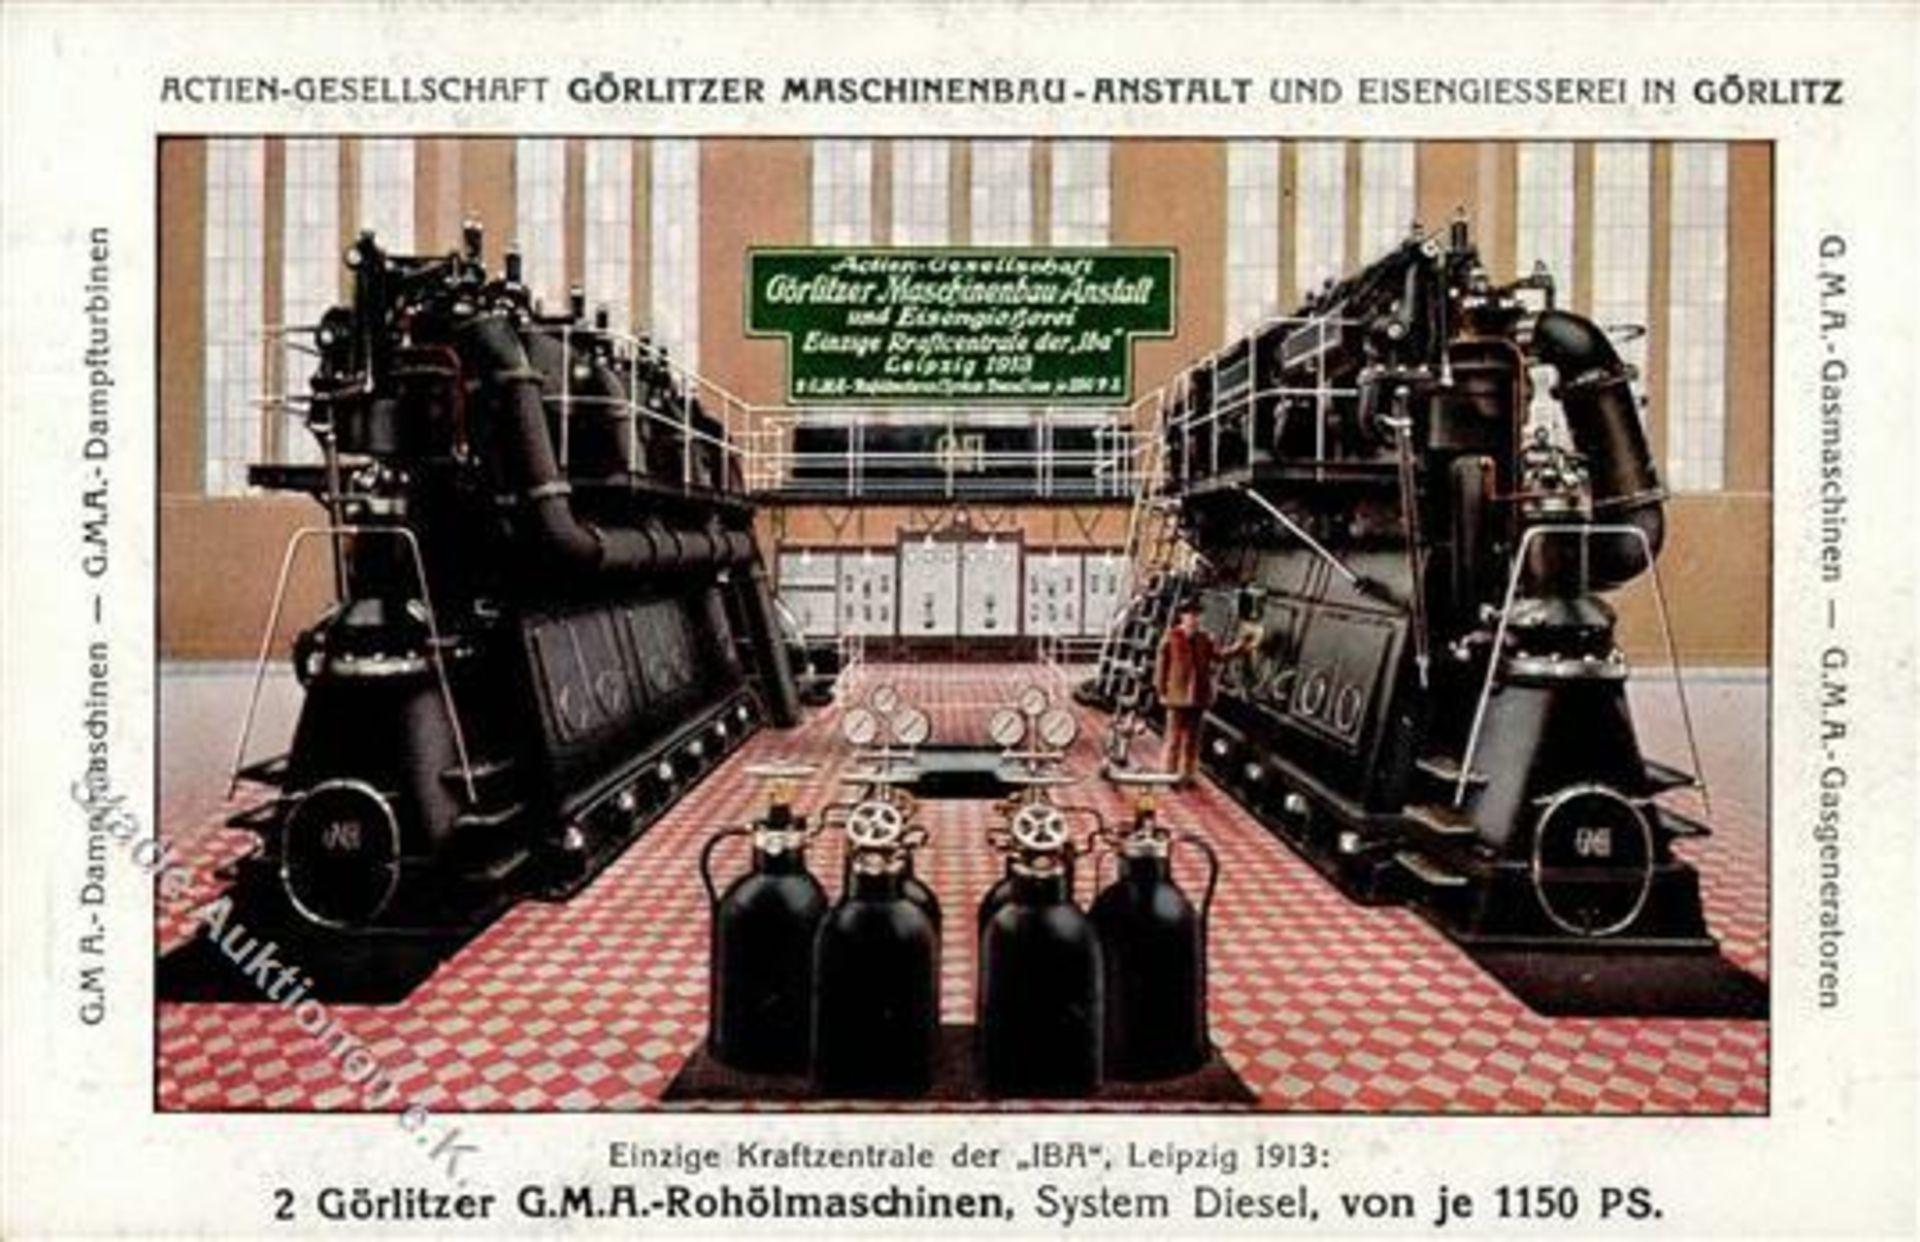 Görlitz (O8900) Maschinenbau-Anstalt und Eisengiesserei I-II (Ecken abgestossen)Dieses Los wird in